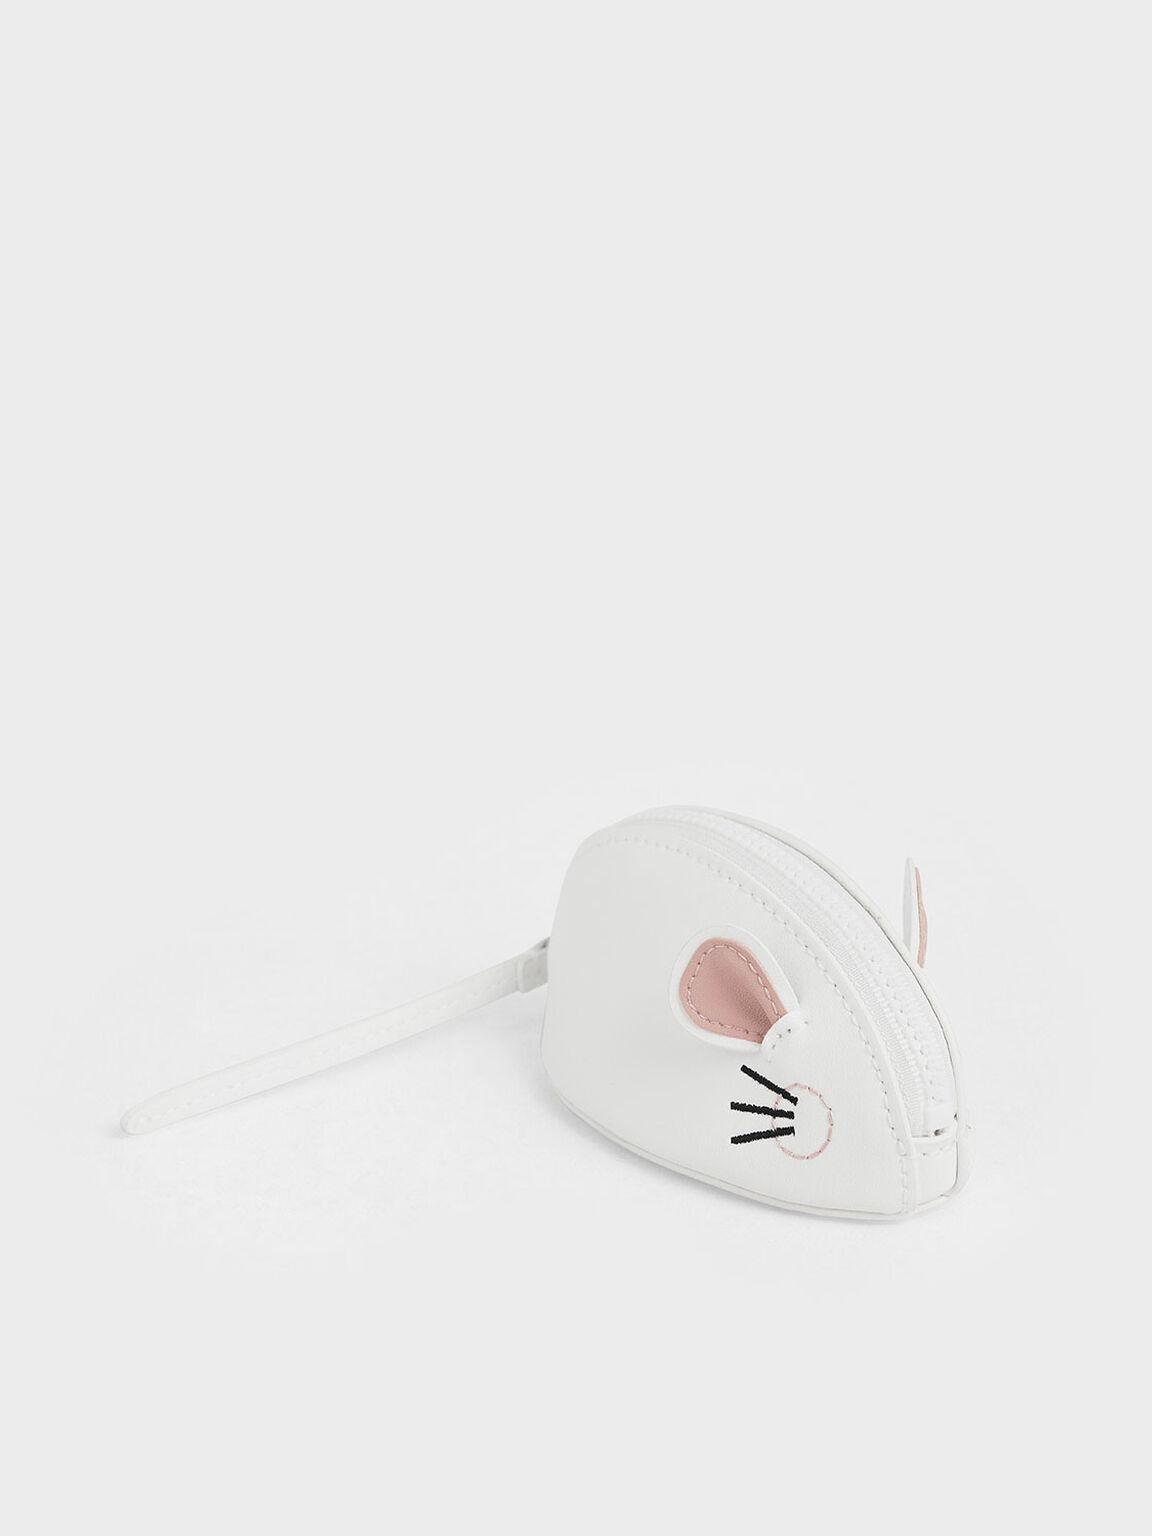 'Rat Zodiac' Mini Pouch, White, hi-res